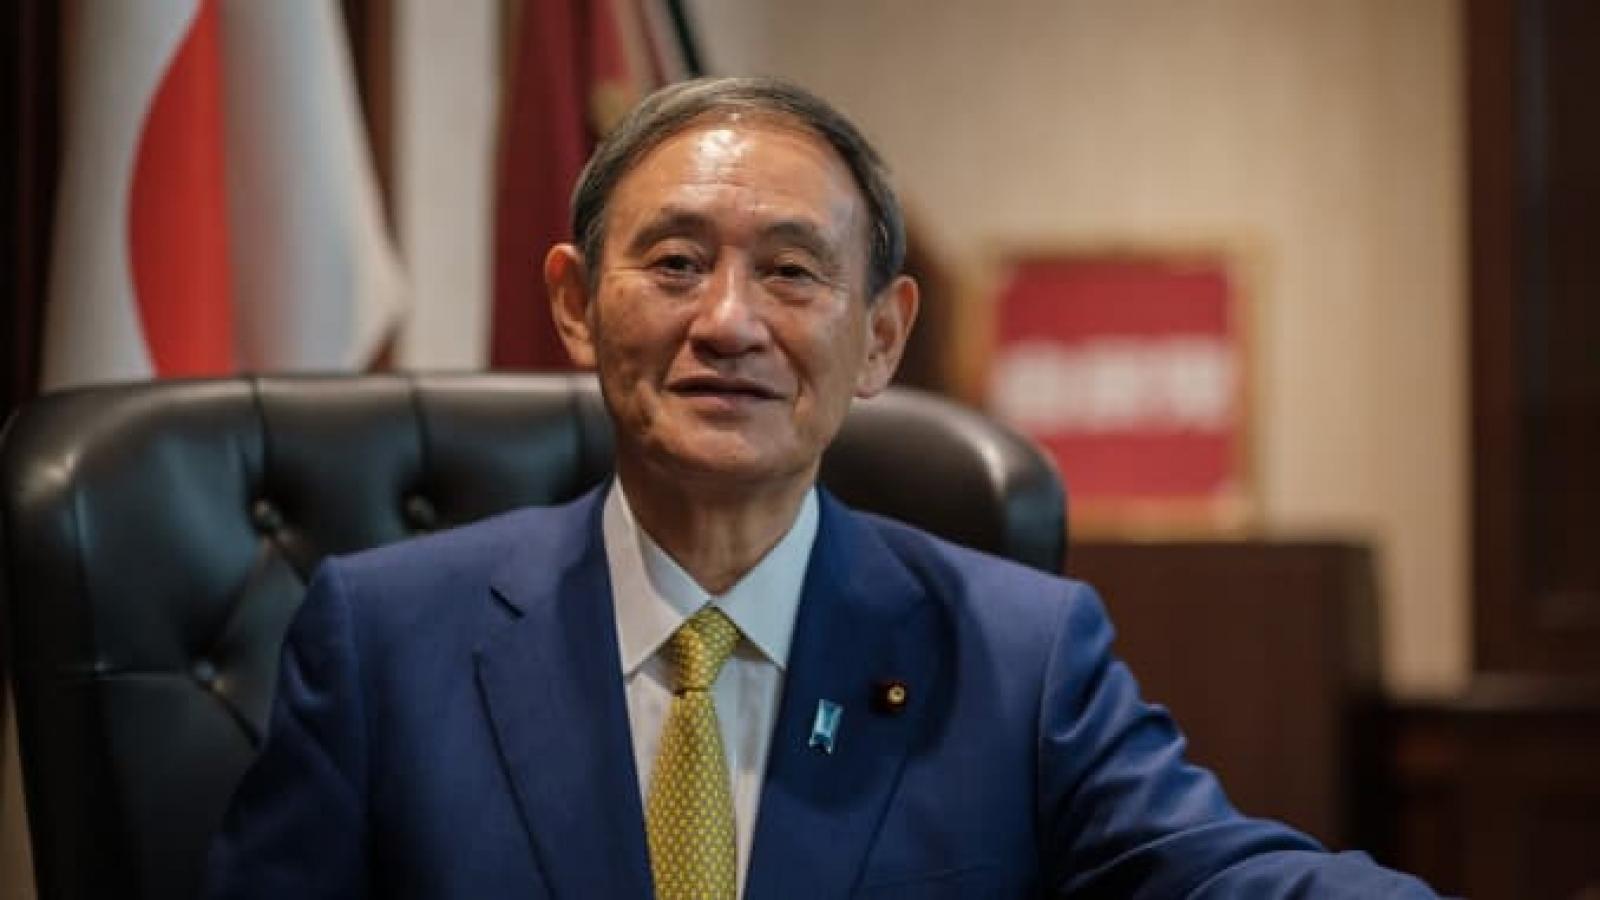 Những chính sách nổi bật của Thủ tướng Nhật Bản Suga sau 3 tháng cầm quyền